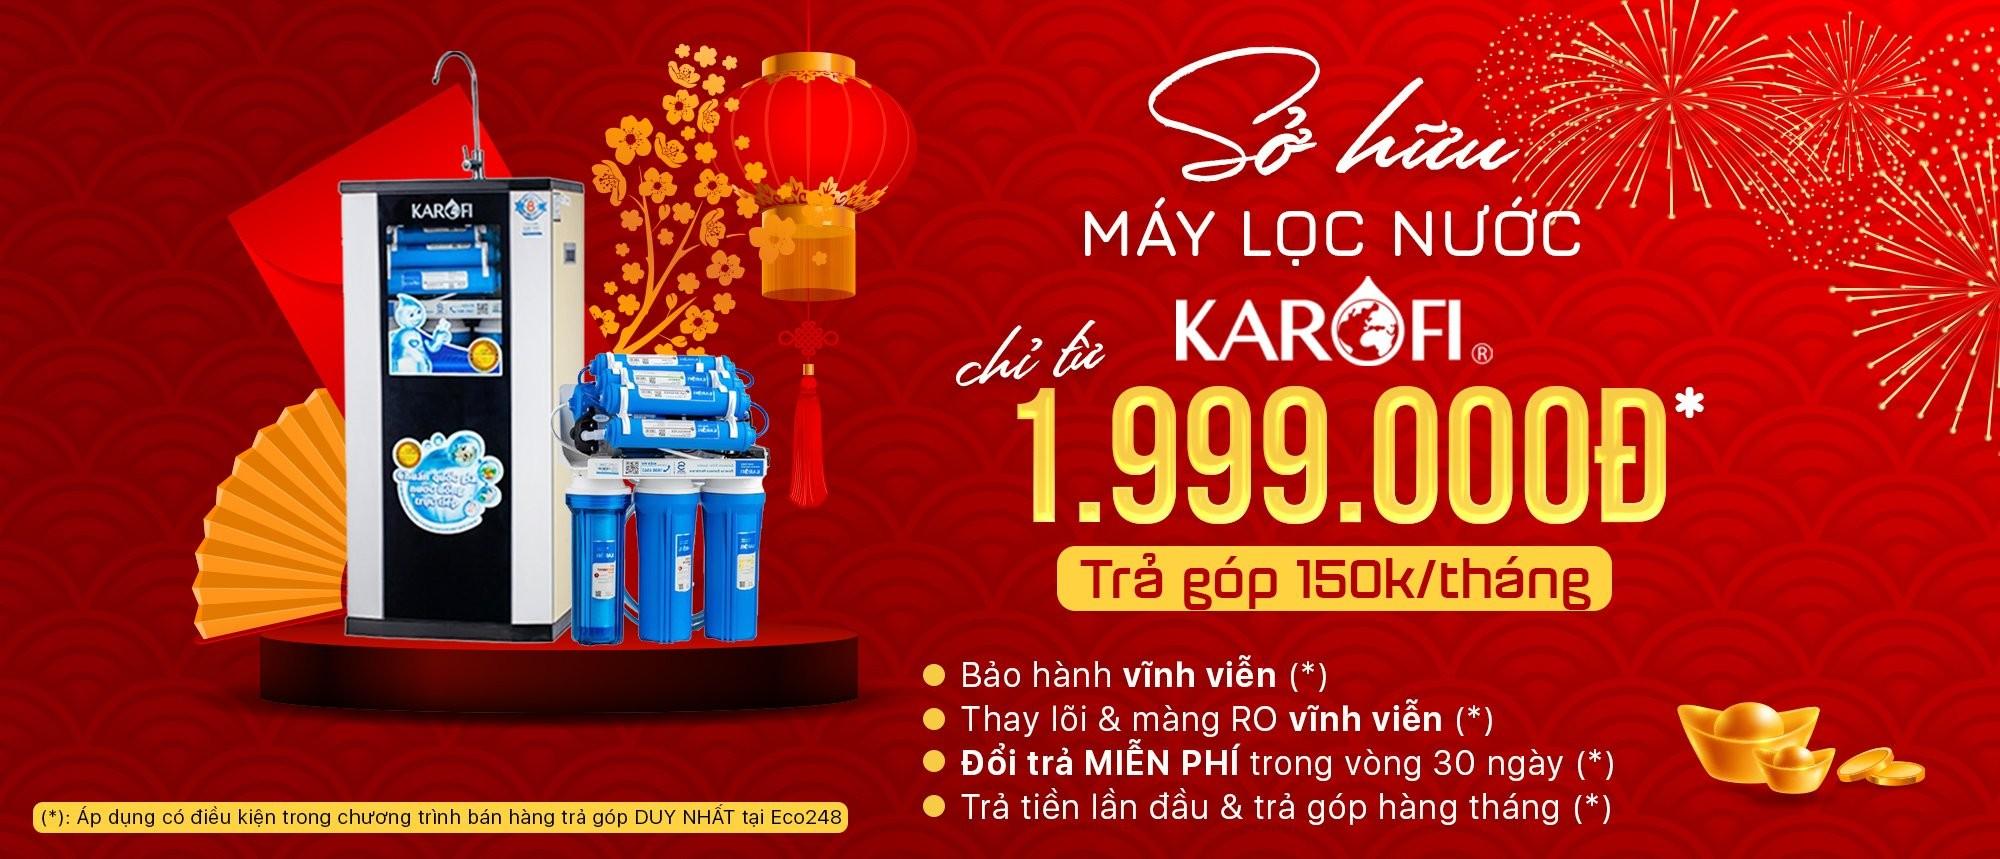 SỞ HỮU MÁY LỌC NƯỚC KAROFI VÀ KANGAROO CHỈ TỪ 1.999.000Đ.